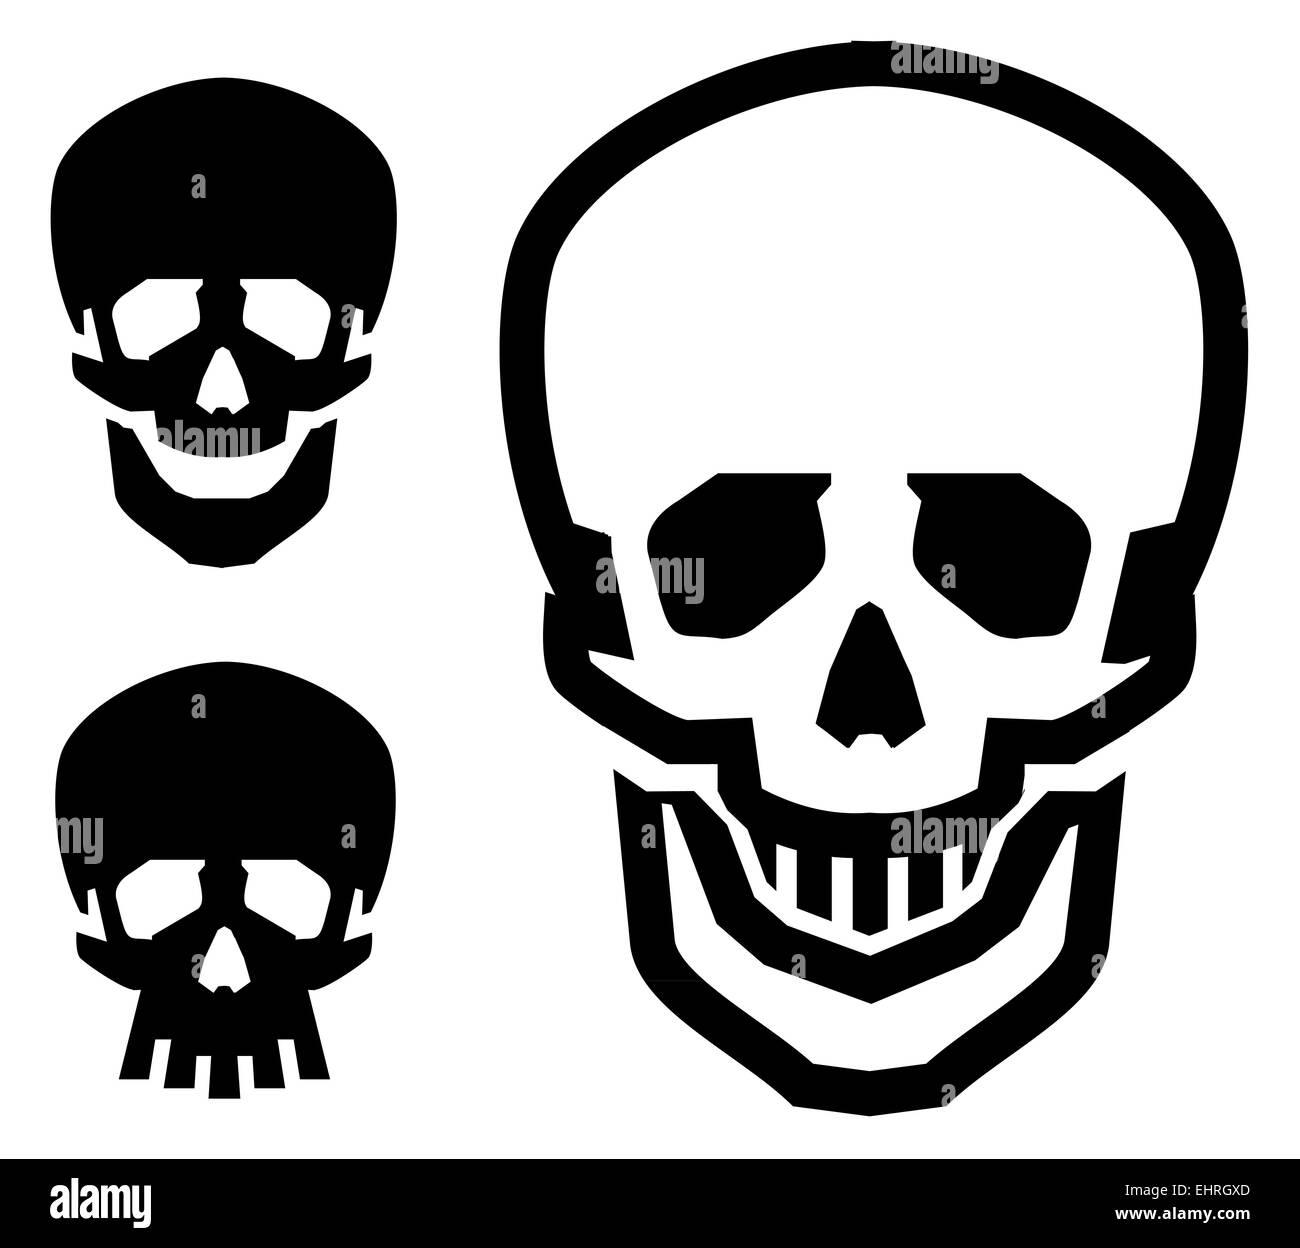 d82748dd651 Skull Vector Logo Design Template Stock Photos & Skull Vector Logo ...